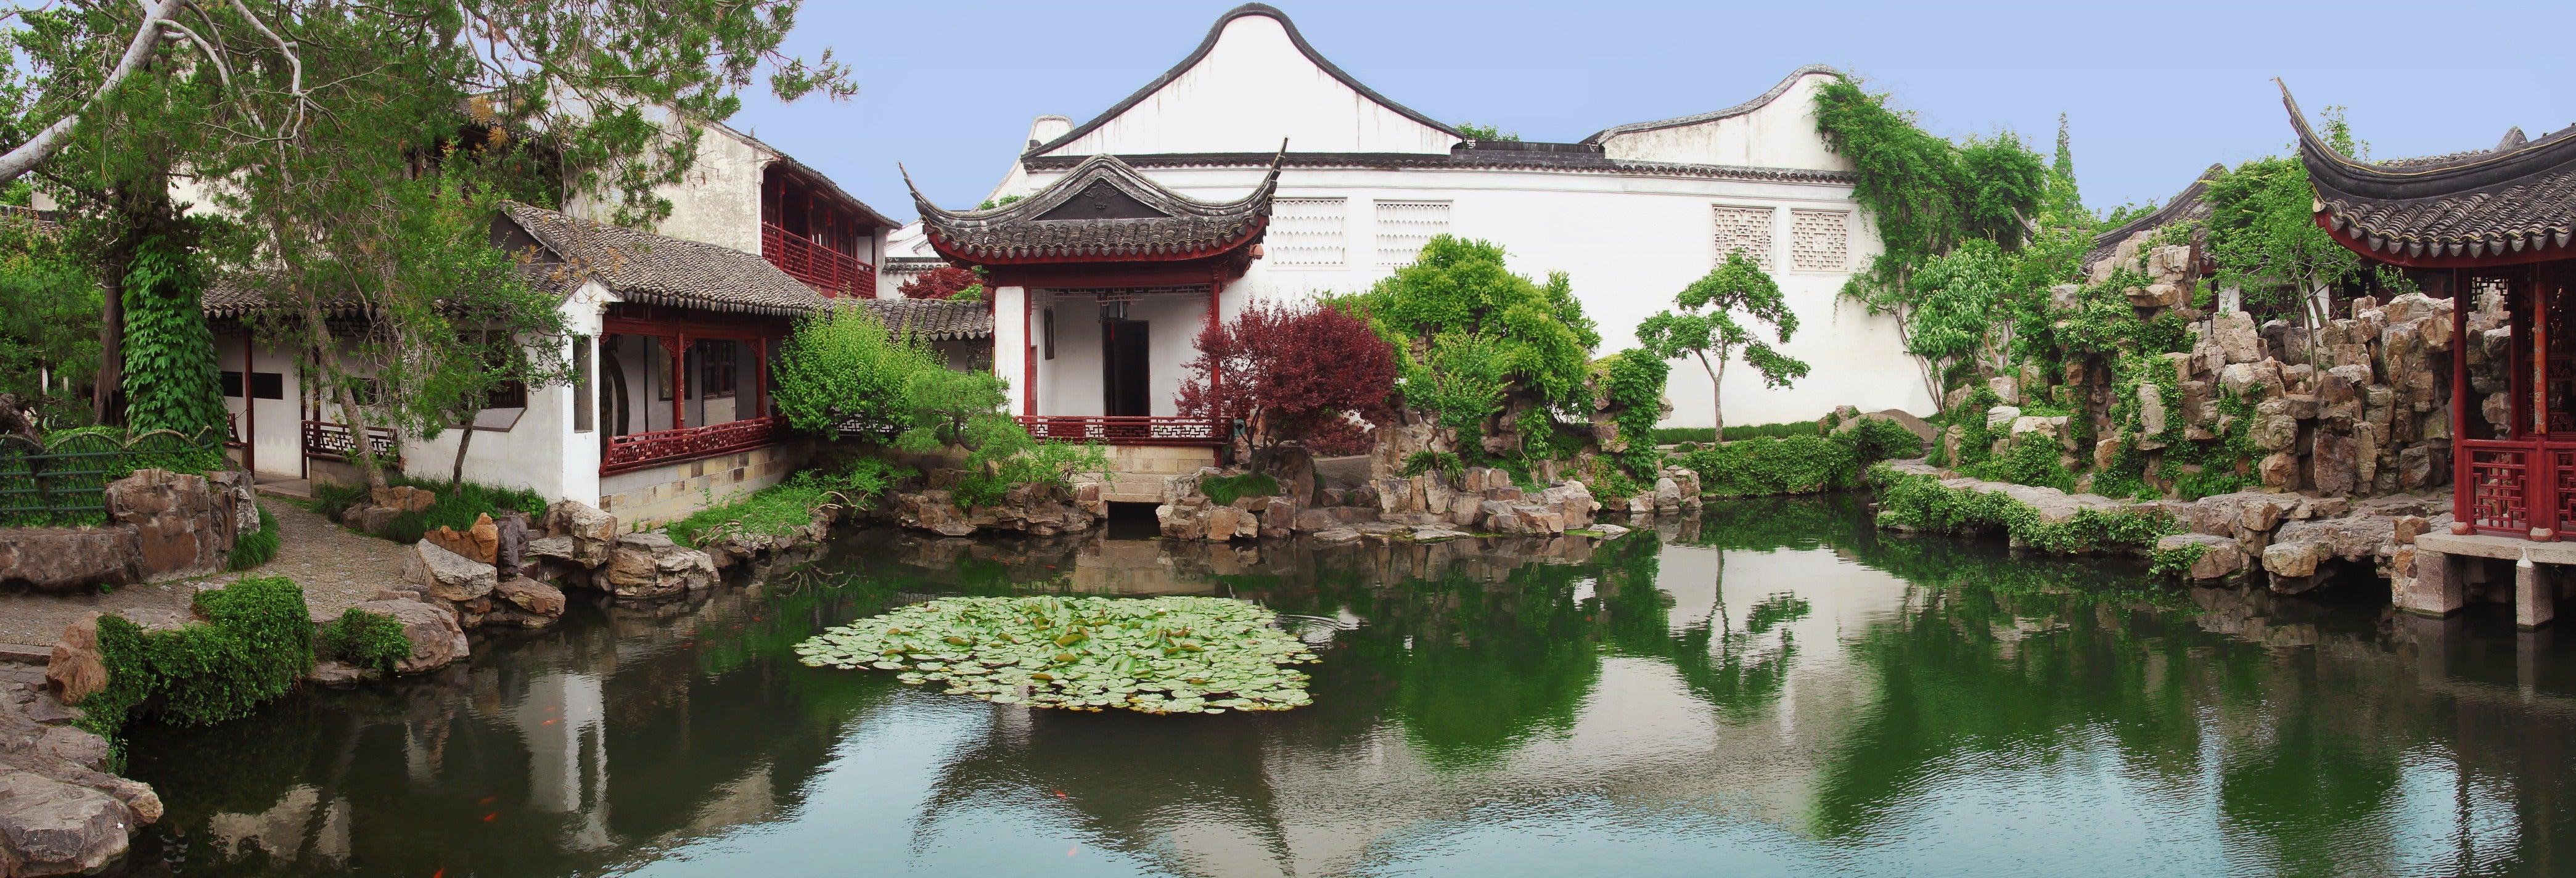 Excursão privada a Suzhou